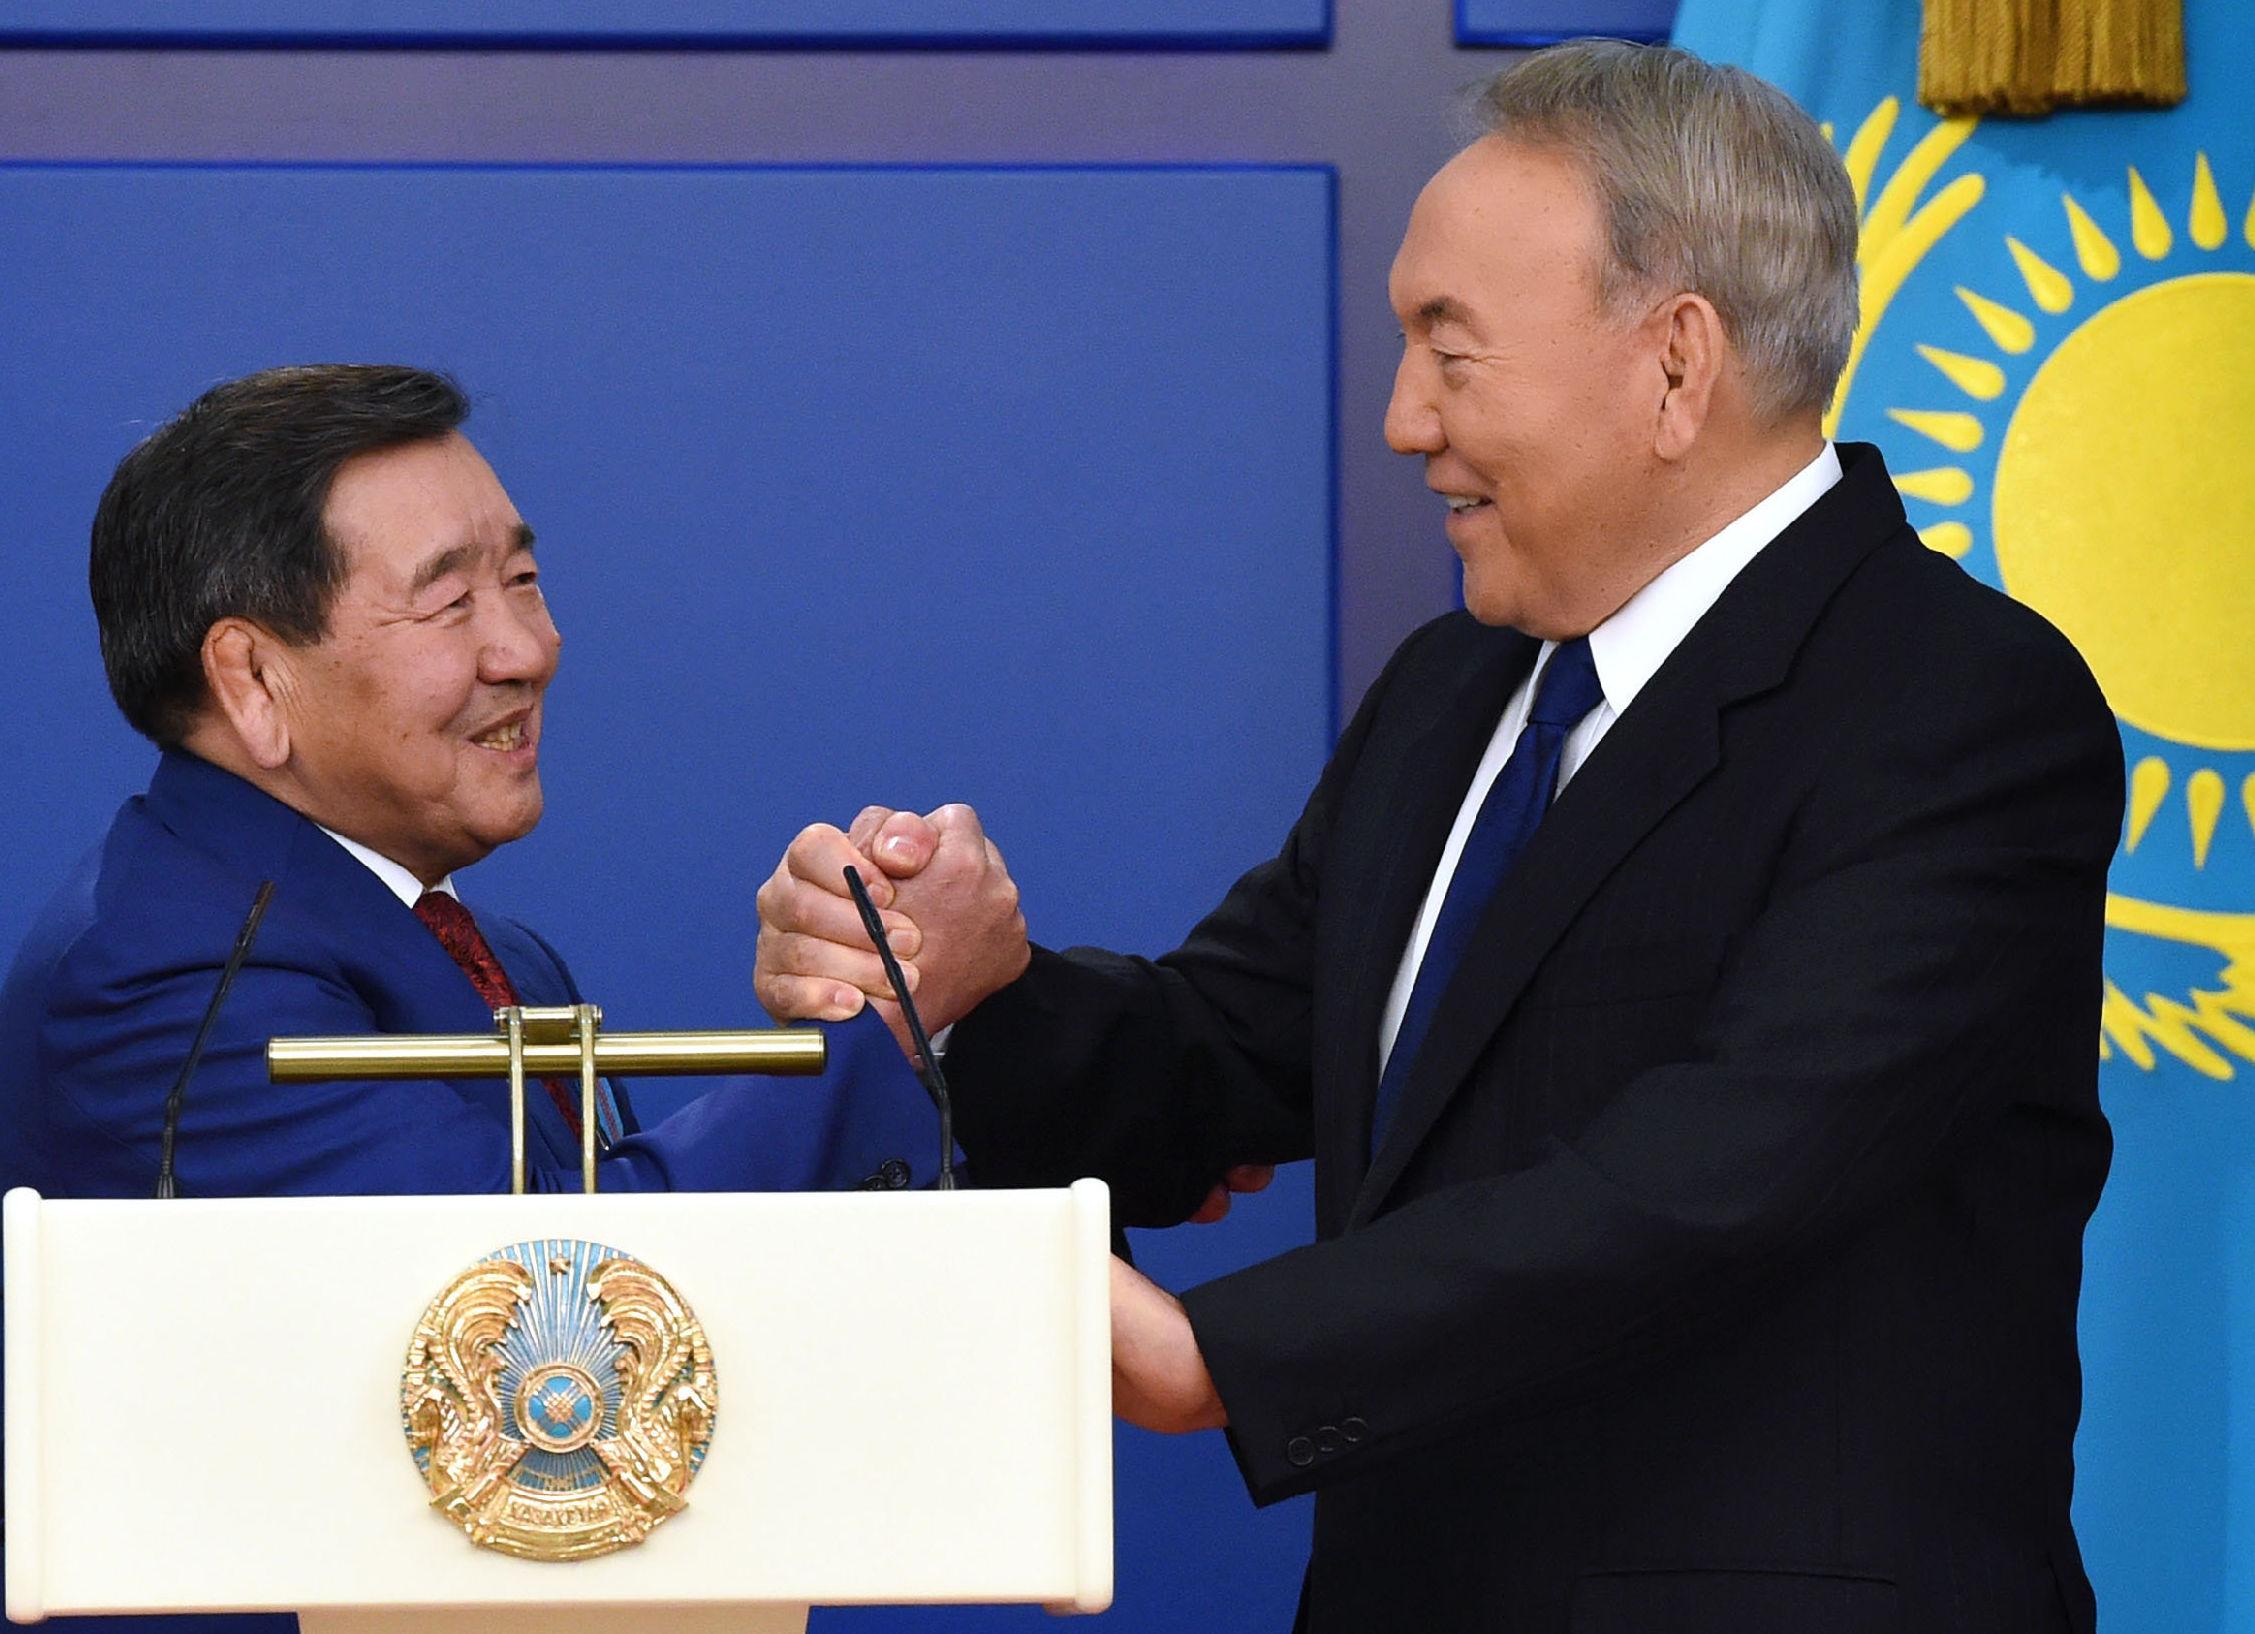 Президент Казахстана Нурсултан Назарбаев и  чемпион Олимпийских игр Жаксылык Ушкемпиров